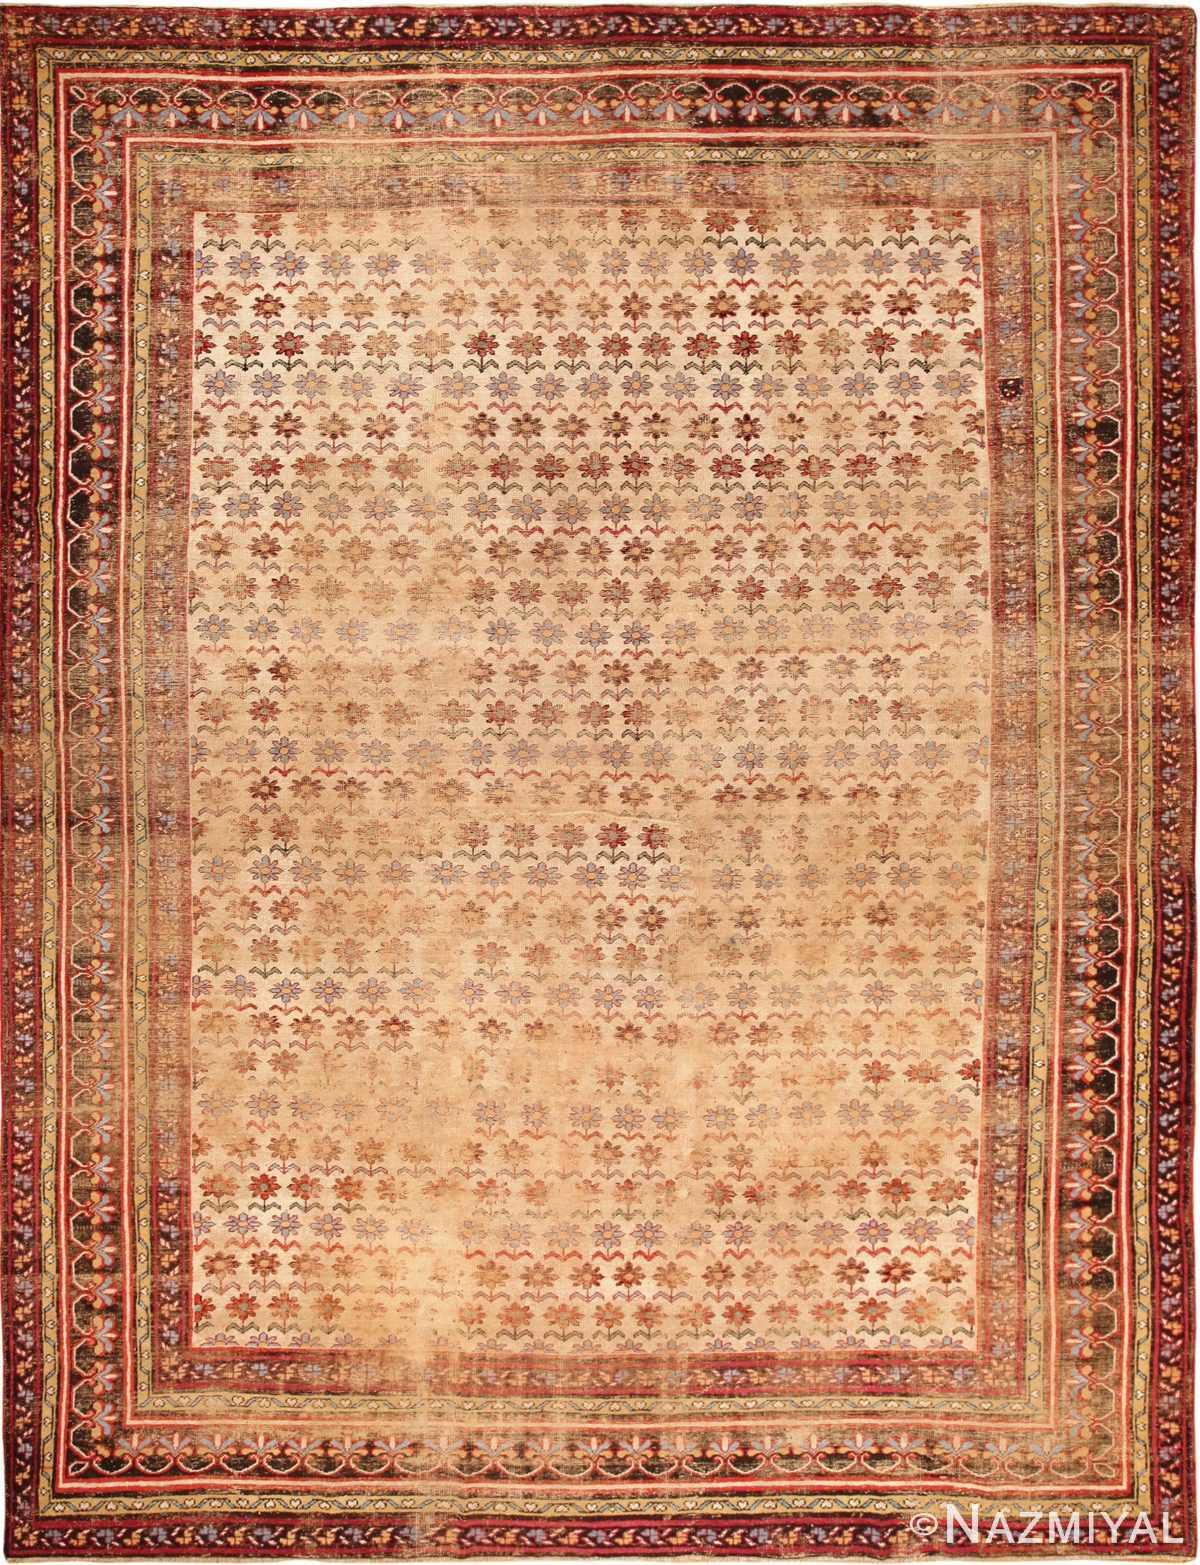 large shabby chic antique indian rug 49432 Nazmiyal